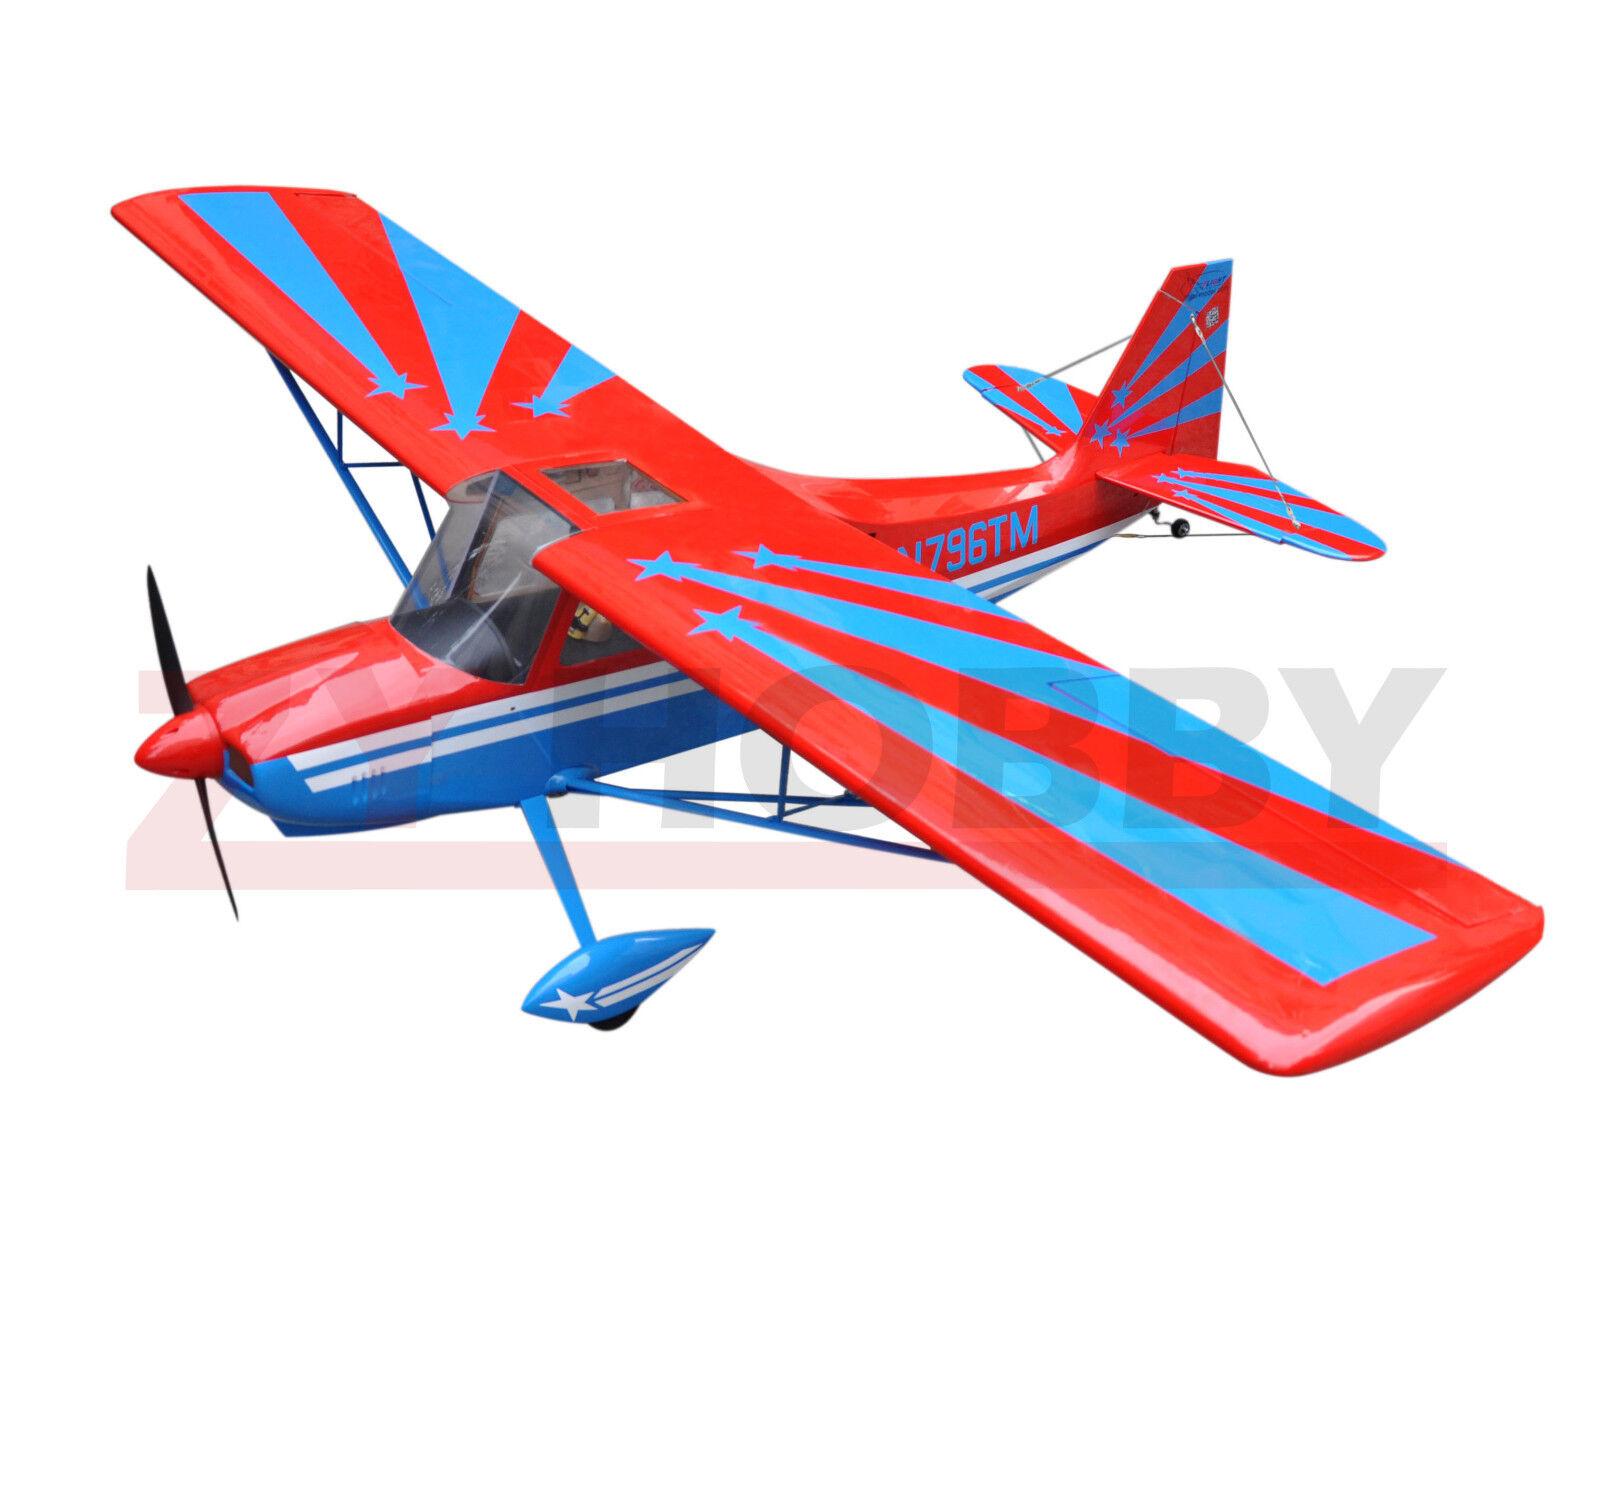 Super Decathlon 72  1828.8mm Nitro&Electric RC Wooden Plane 3D  Aircraft rosso ARF  miglior prezzo